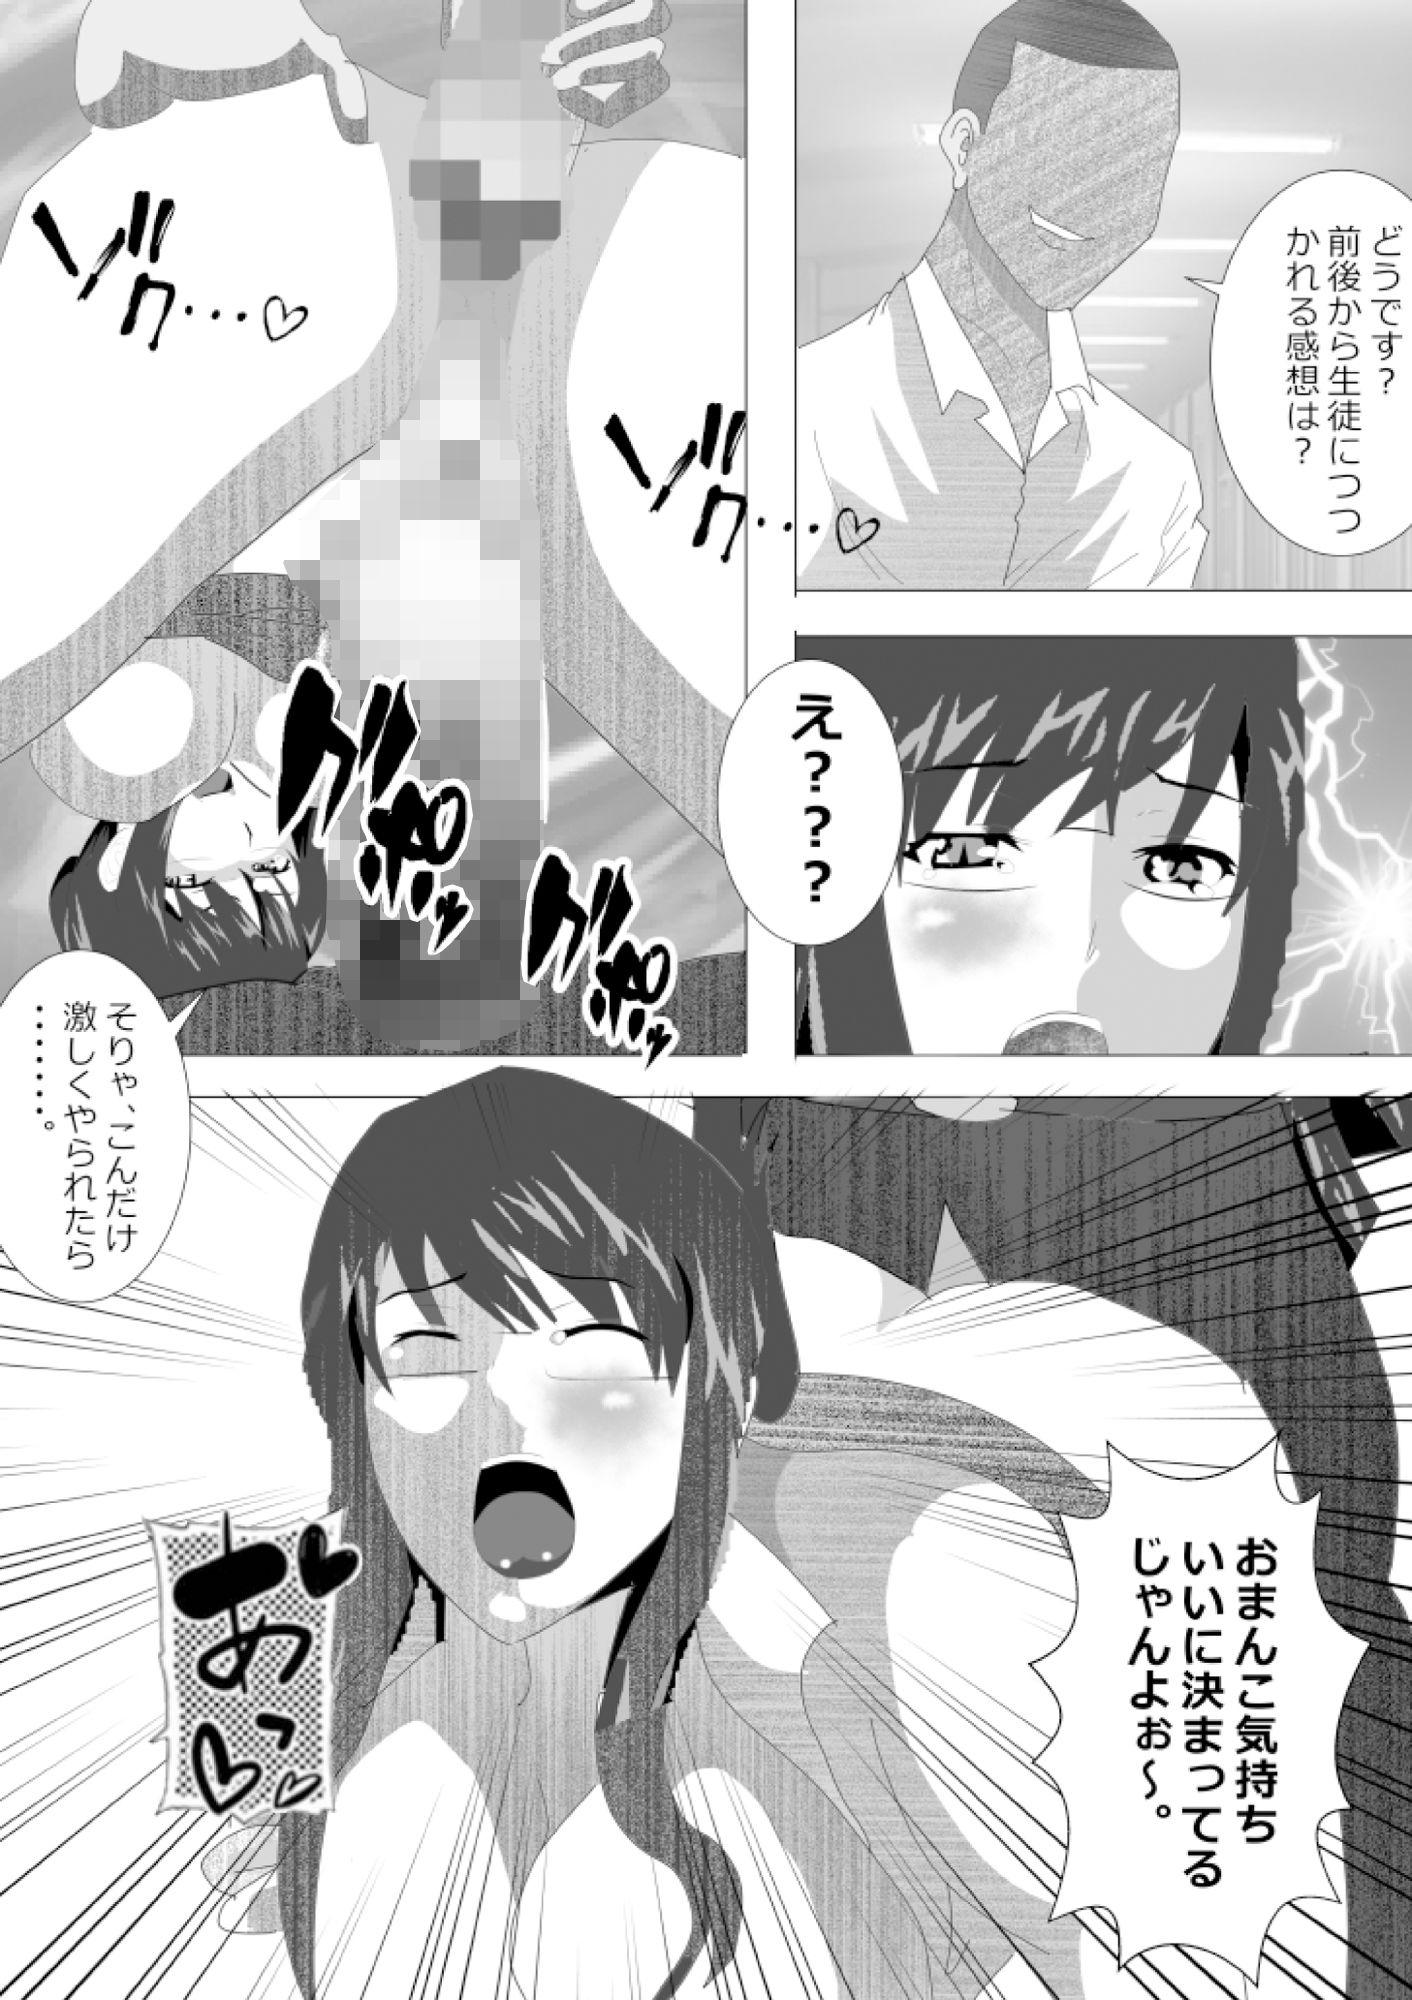 https://www.dmm.co.jp/dc/doujin/-/detail/=/cid=d_211412/